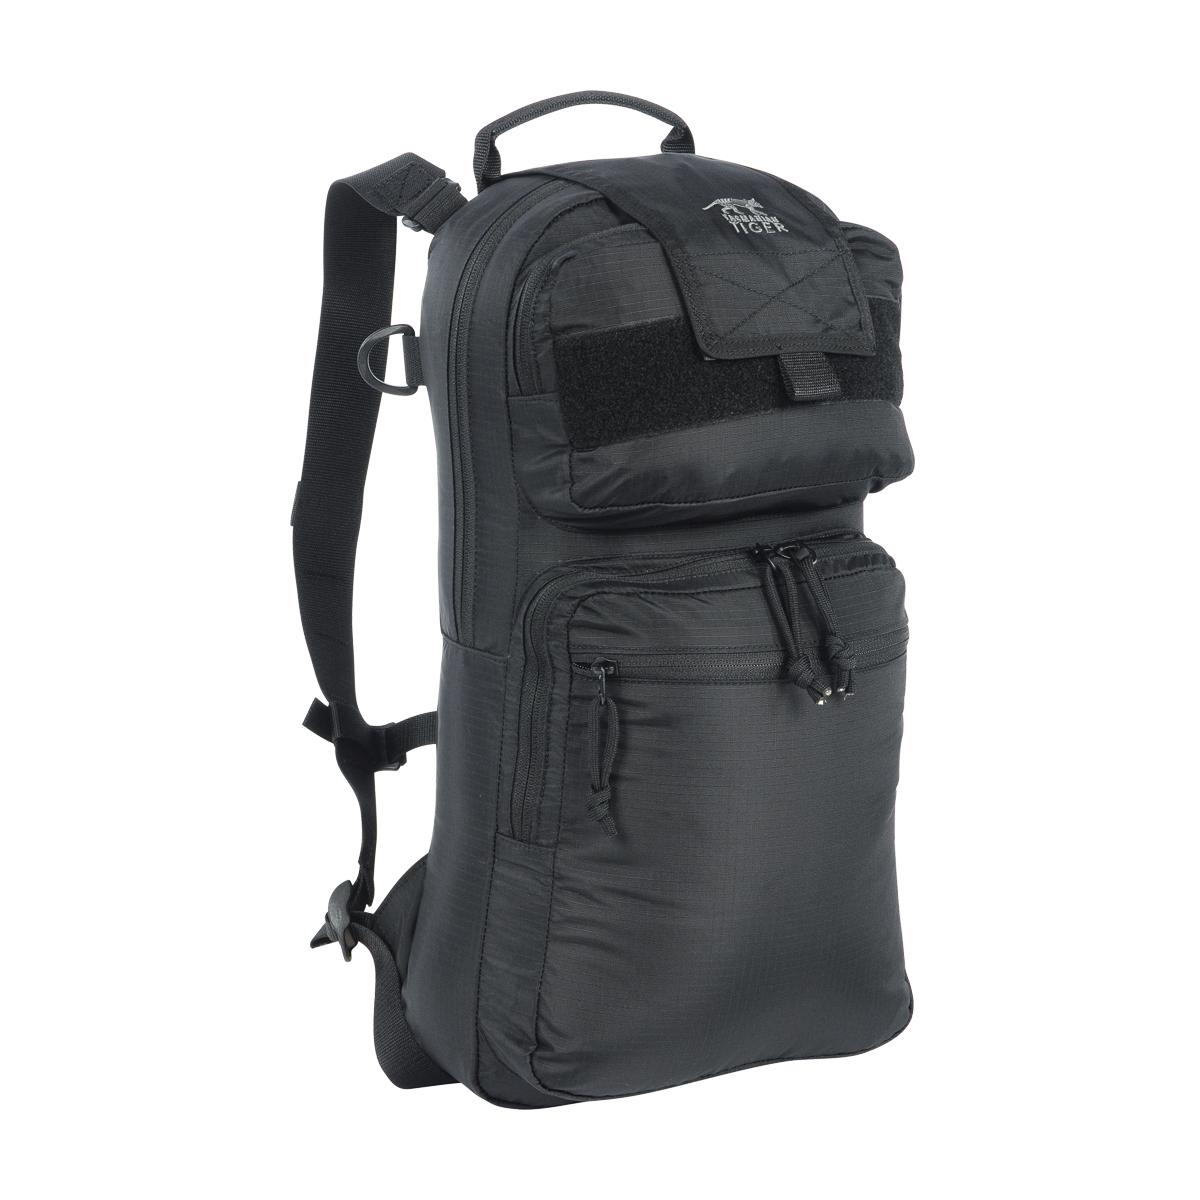 tasmanian tiger tt roll up bag schwarz 10 liter rucksack. Black Bedroom Furniture Sets. Home Design Ideas